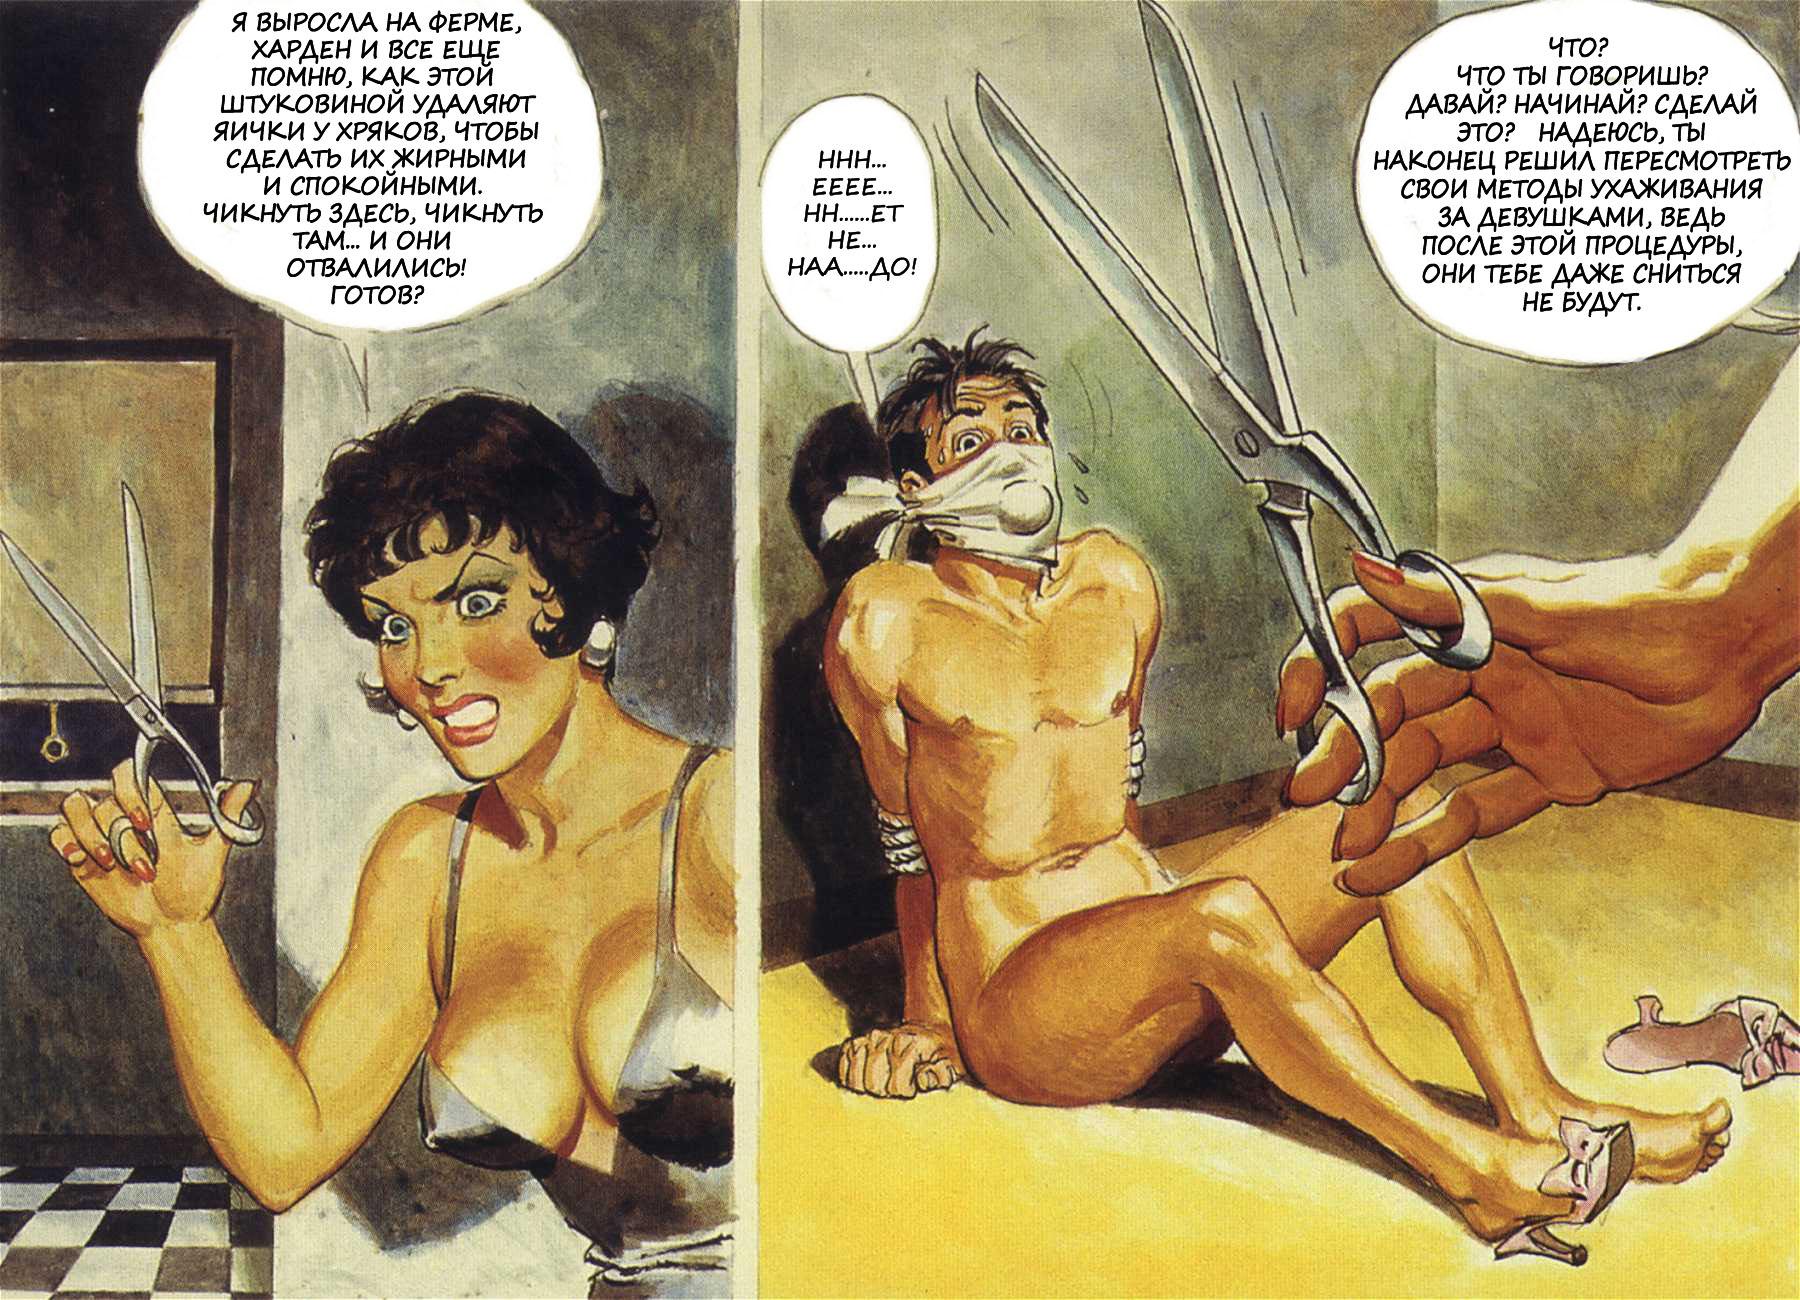 Рисунки фемдом комиксы, фемдом » смотреть порно мультики, порно комиксы 6 фотография